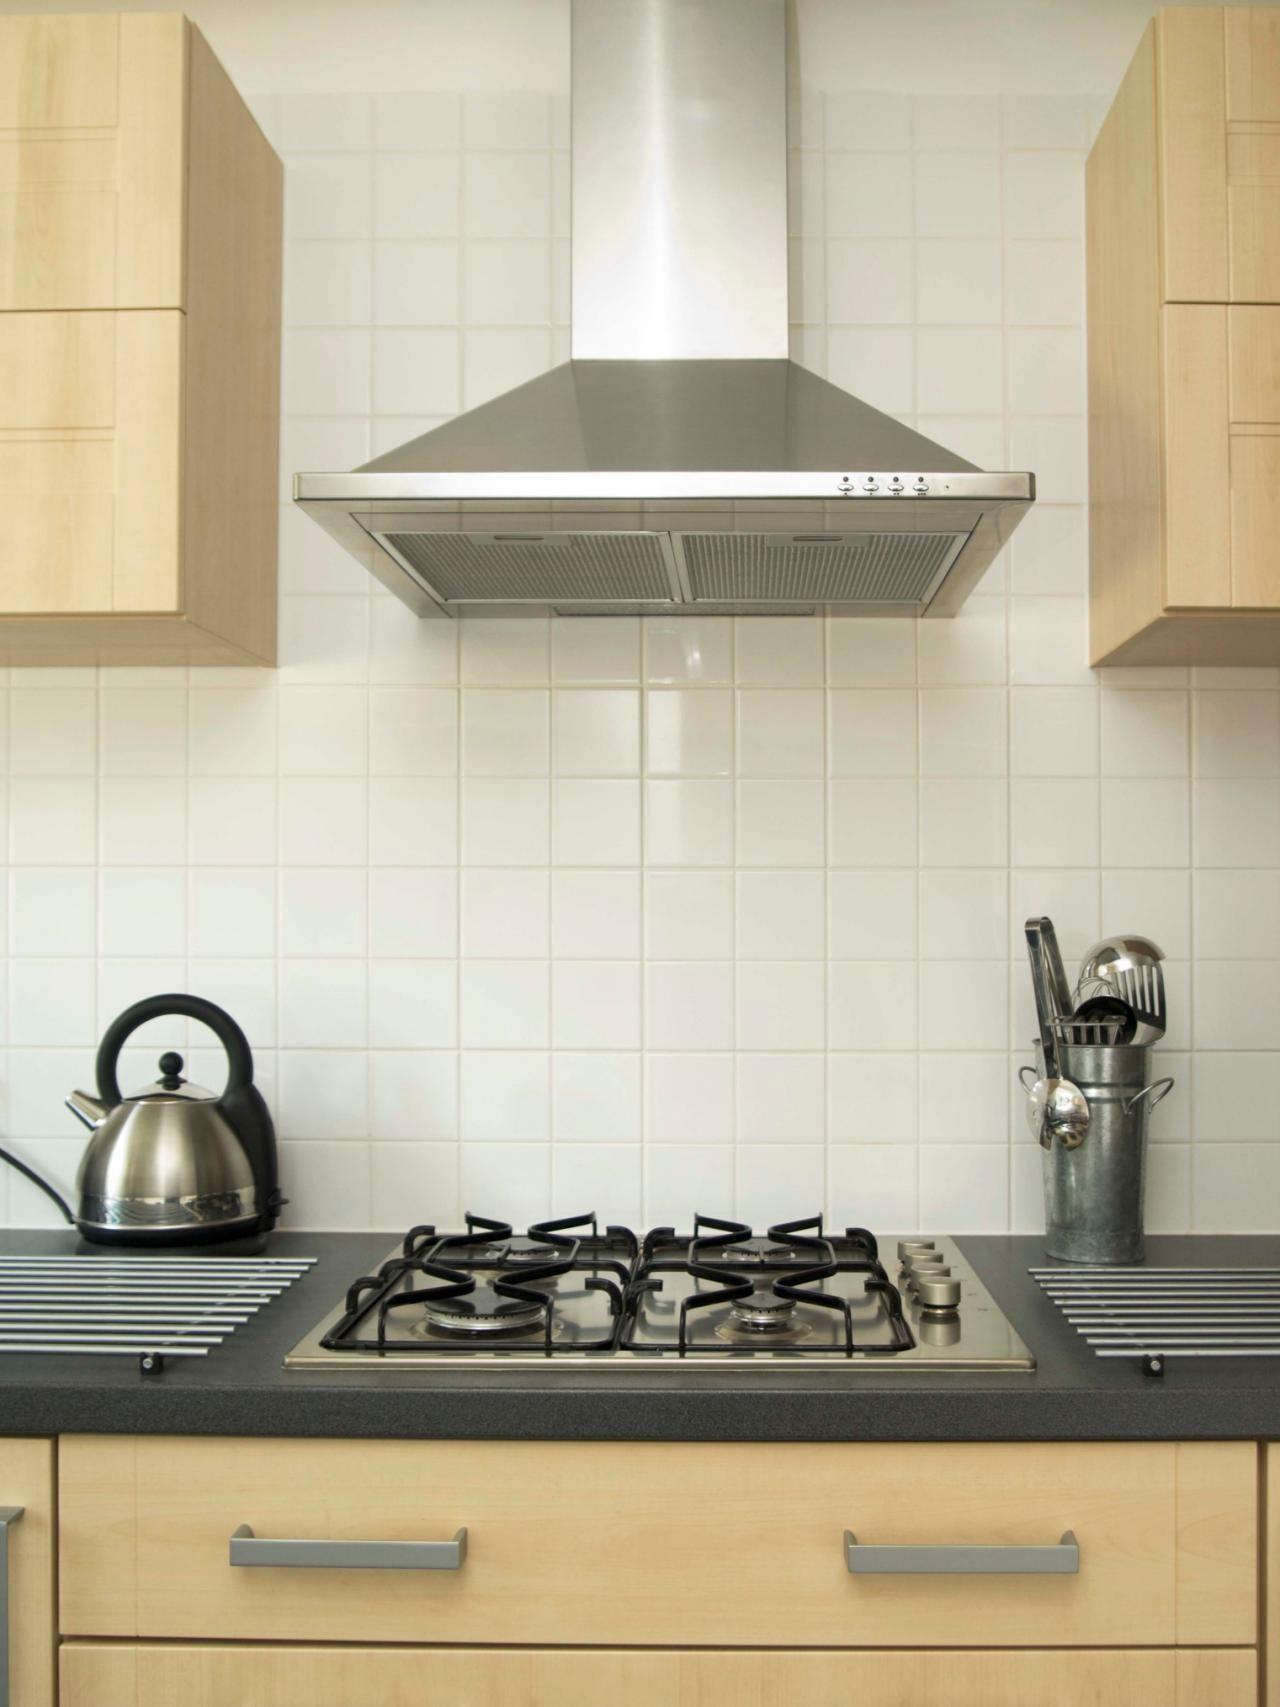 Kitchen Design With Exhaust Fan Exhaust Fan Kitchen Kitchen